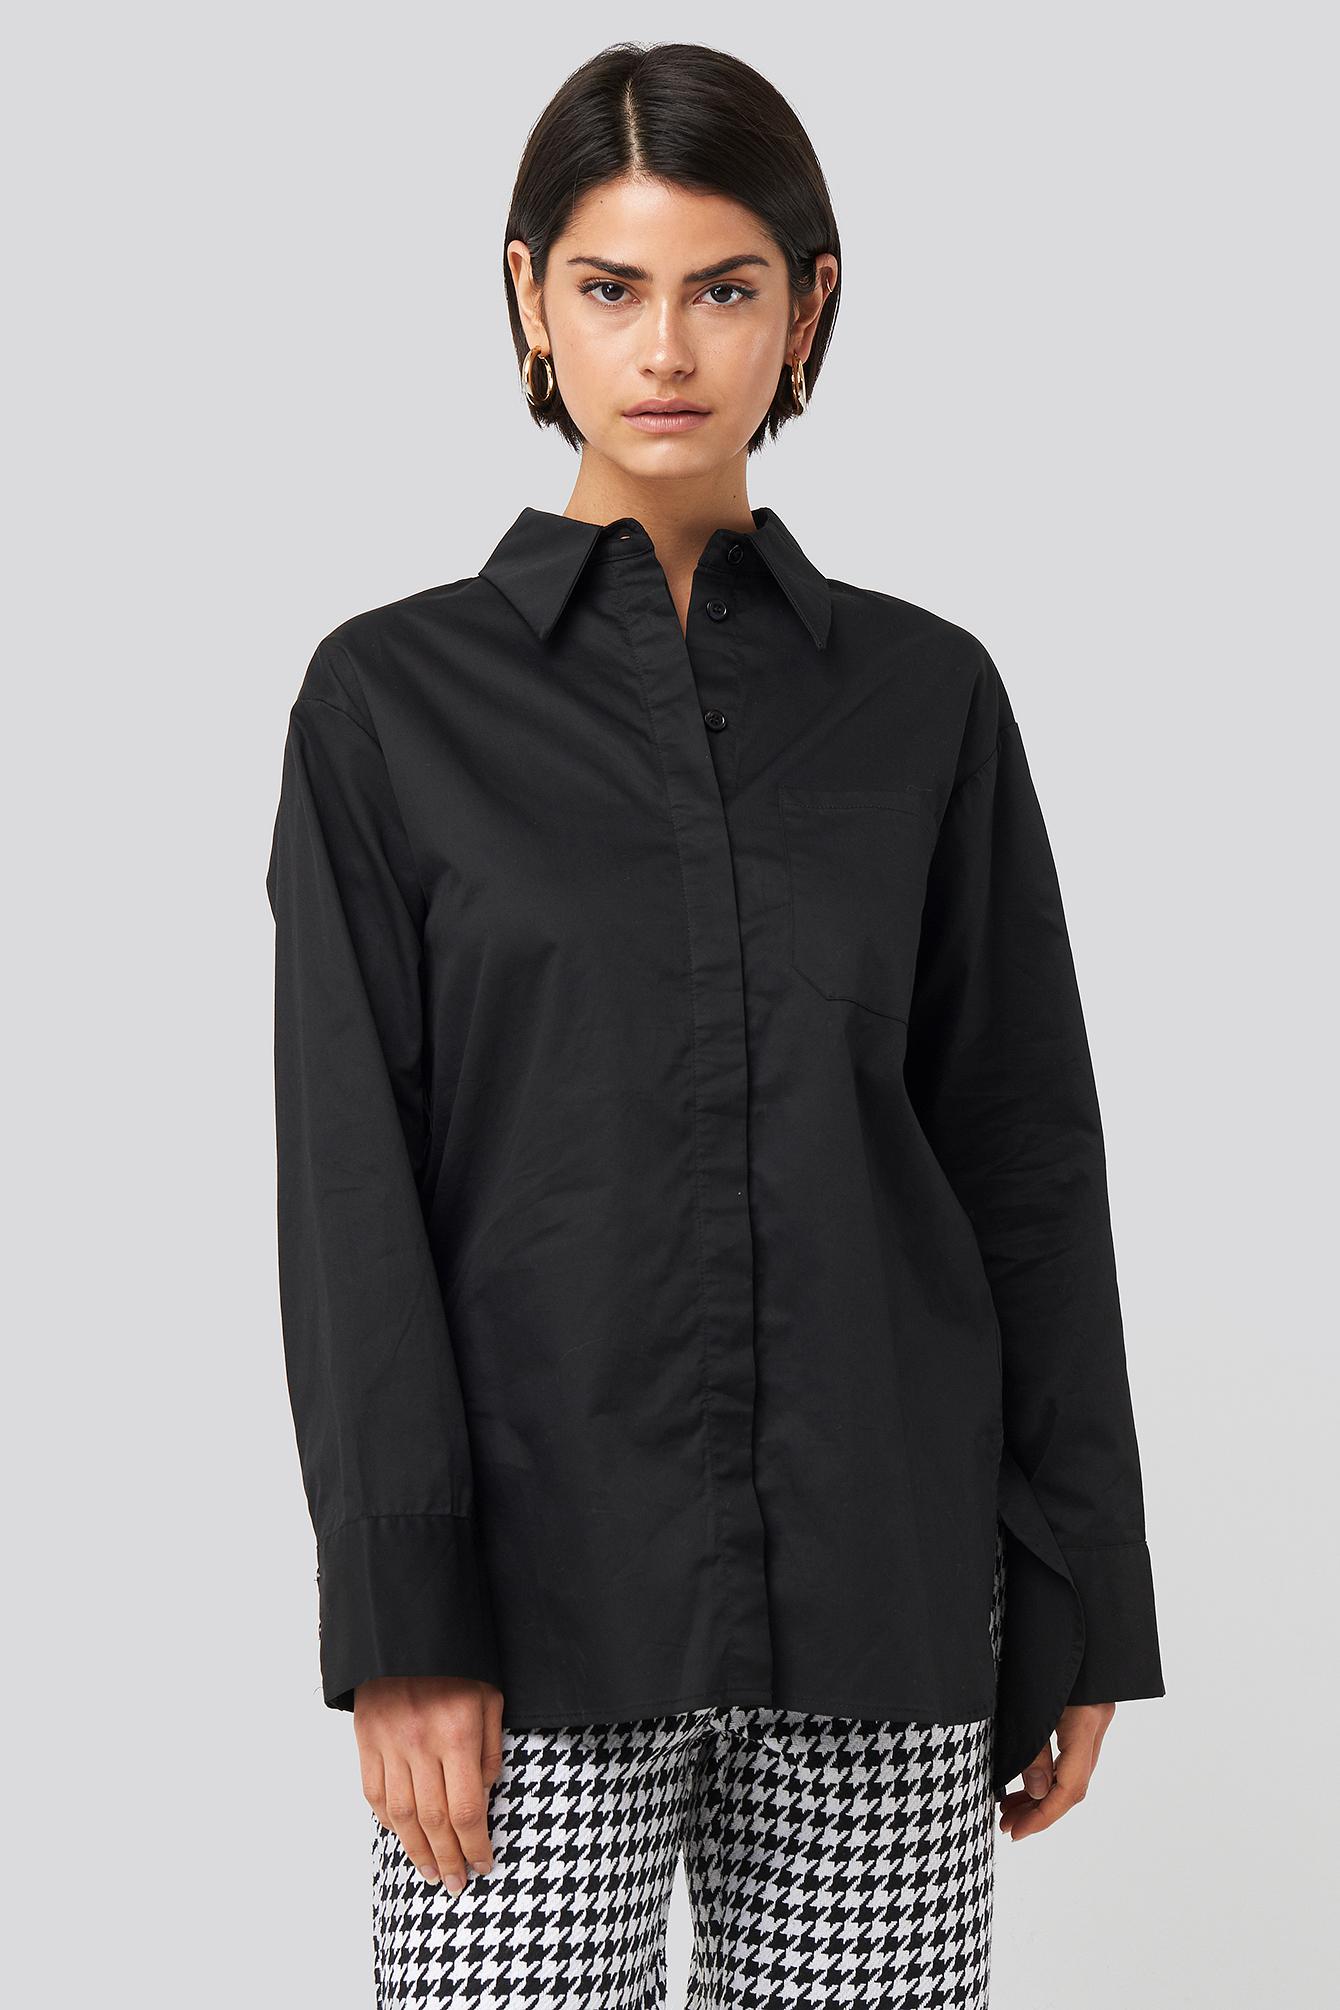 NA-KD Classic Übergroßes Baumwollhemd Mit Tasche - Black   Taschen > Handtaschen > Sonstige Handtaschen   NA-KD Classic